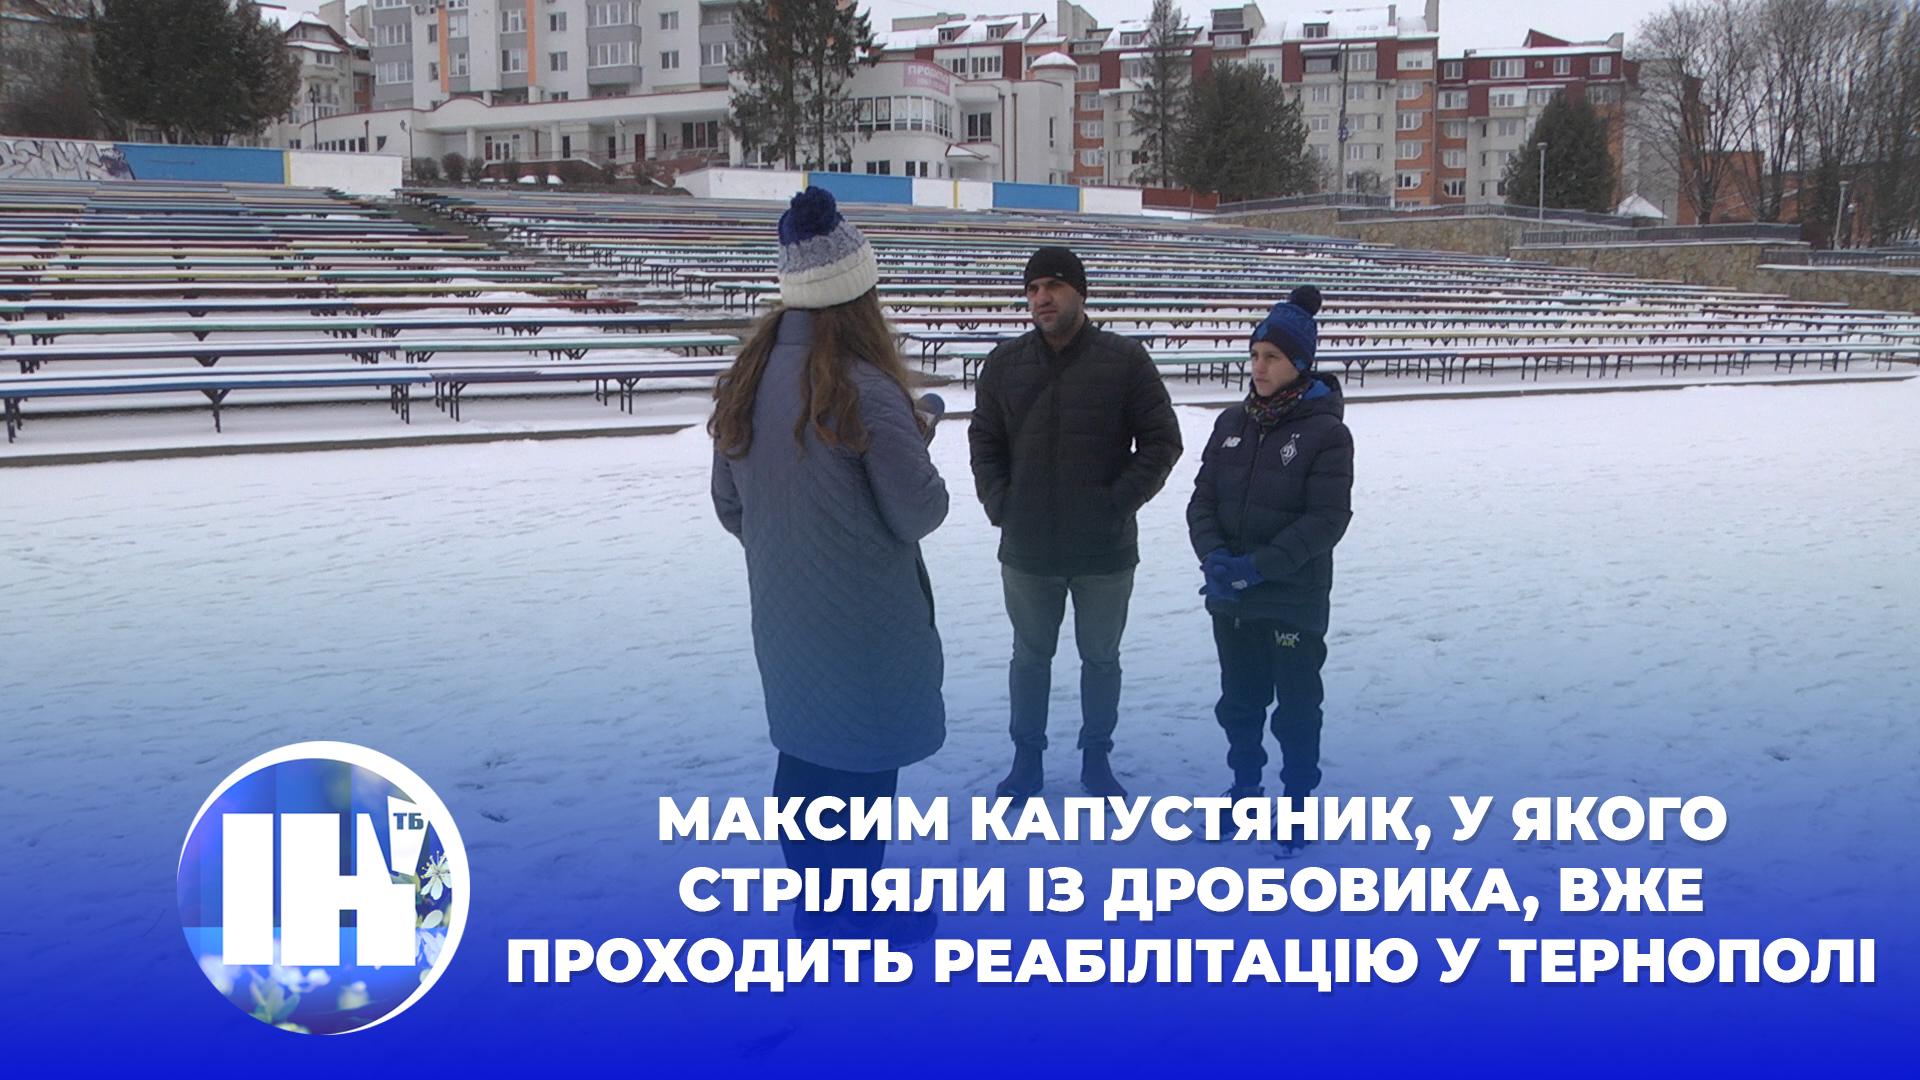 Максим Капустяник, у якого стріляли із дробовика, вже проходить реабілітацію у Тернополі